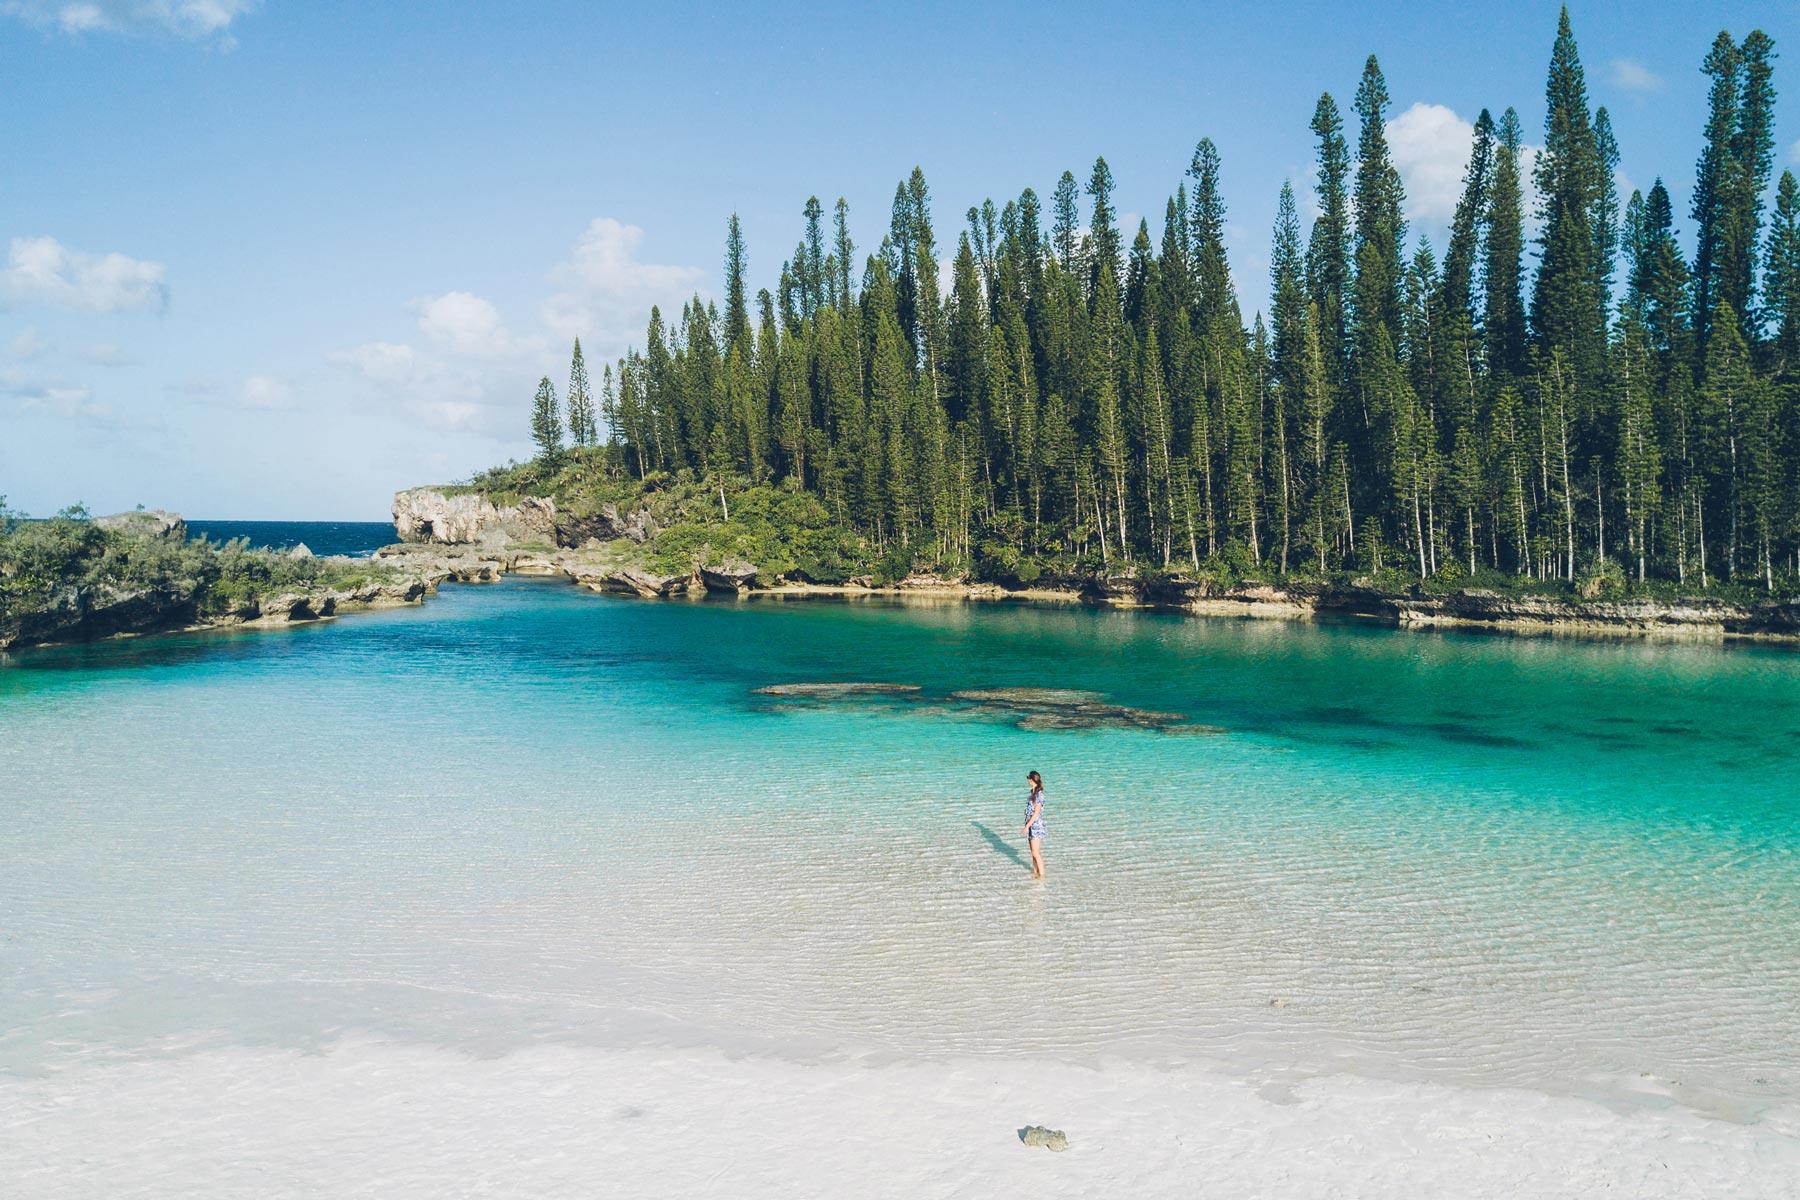 Piscine Naturelle, Ile des Pins, Nouvelle Calédonie